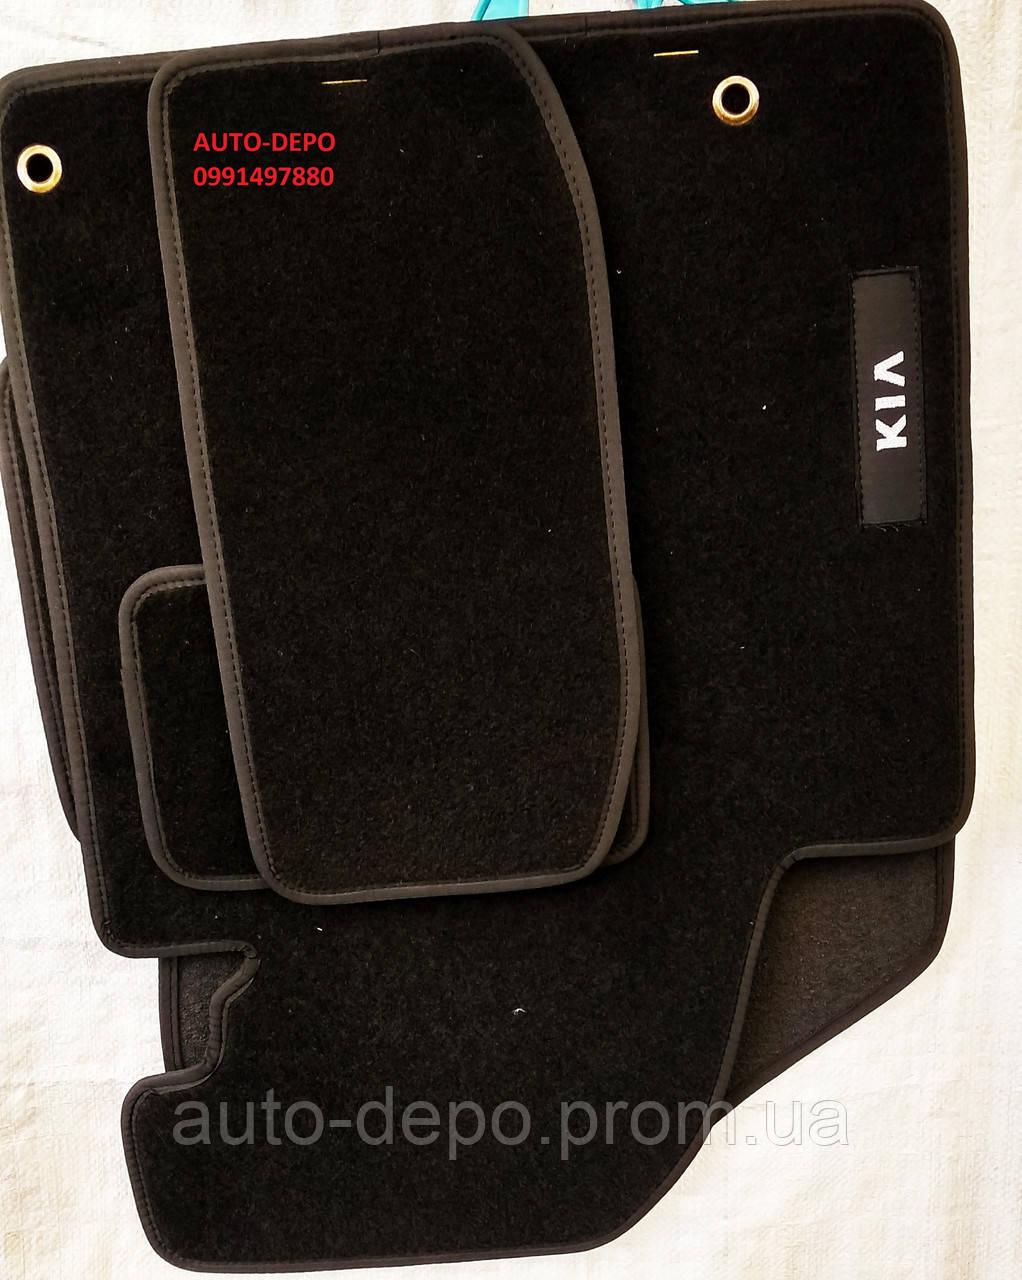 Ворсовые автомобильные коврики Kia Rio 2011- CIAC GRAN